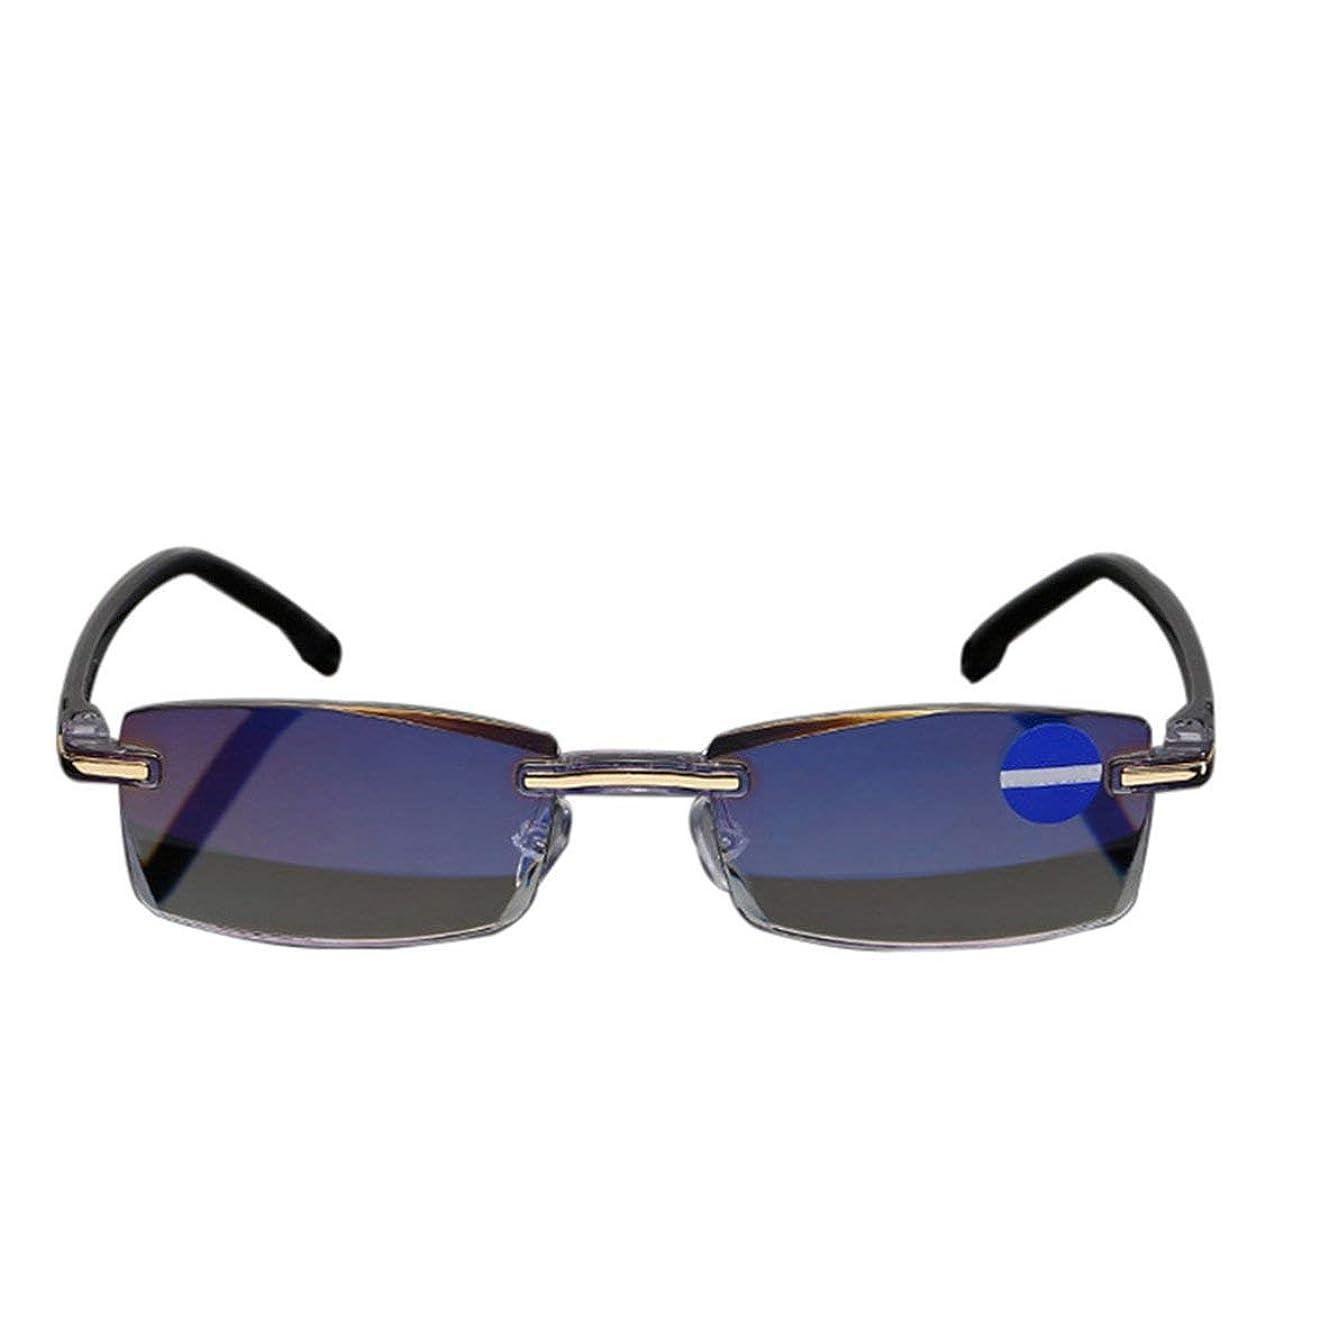 コック委任する絡み合いIntercoreyリムレスダイヤモンドカット老眼鏡アンチブルーライトおよびブルーフィルム統合された女性男性+1 - + 4全学